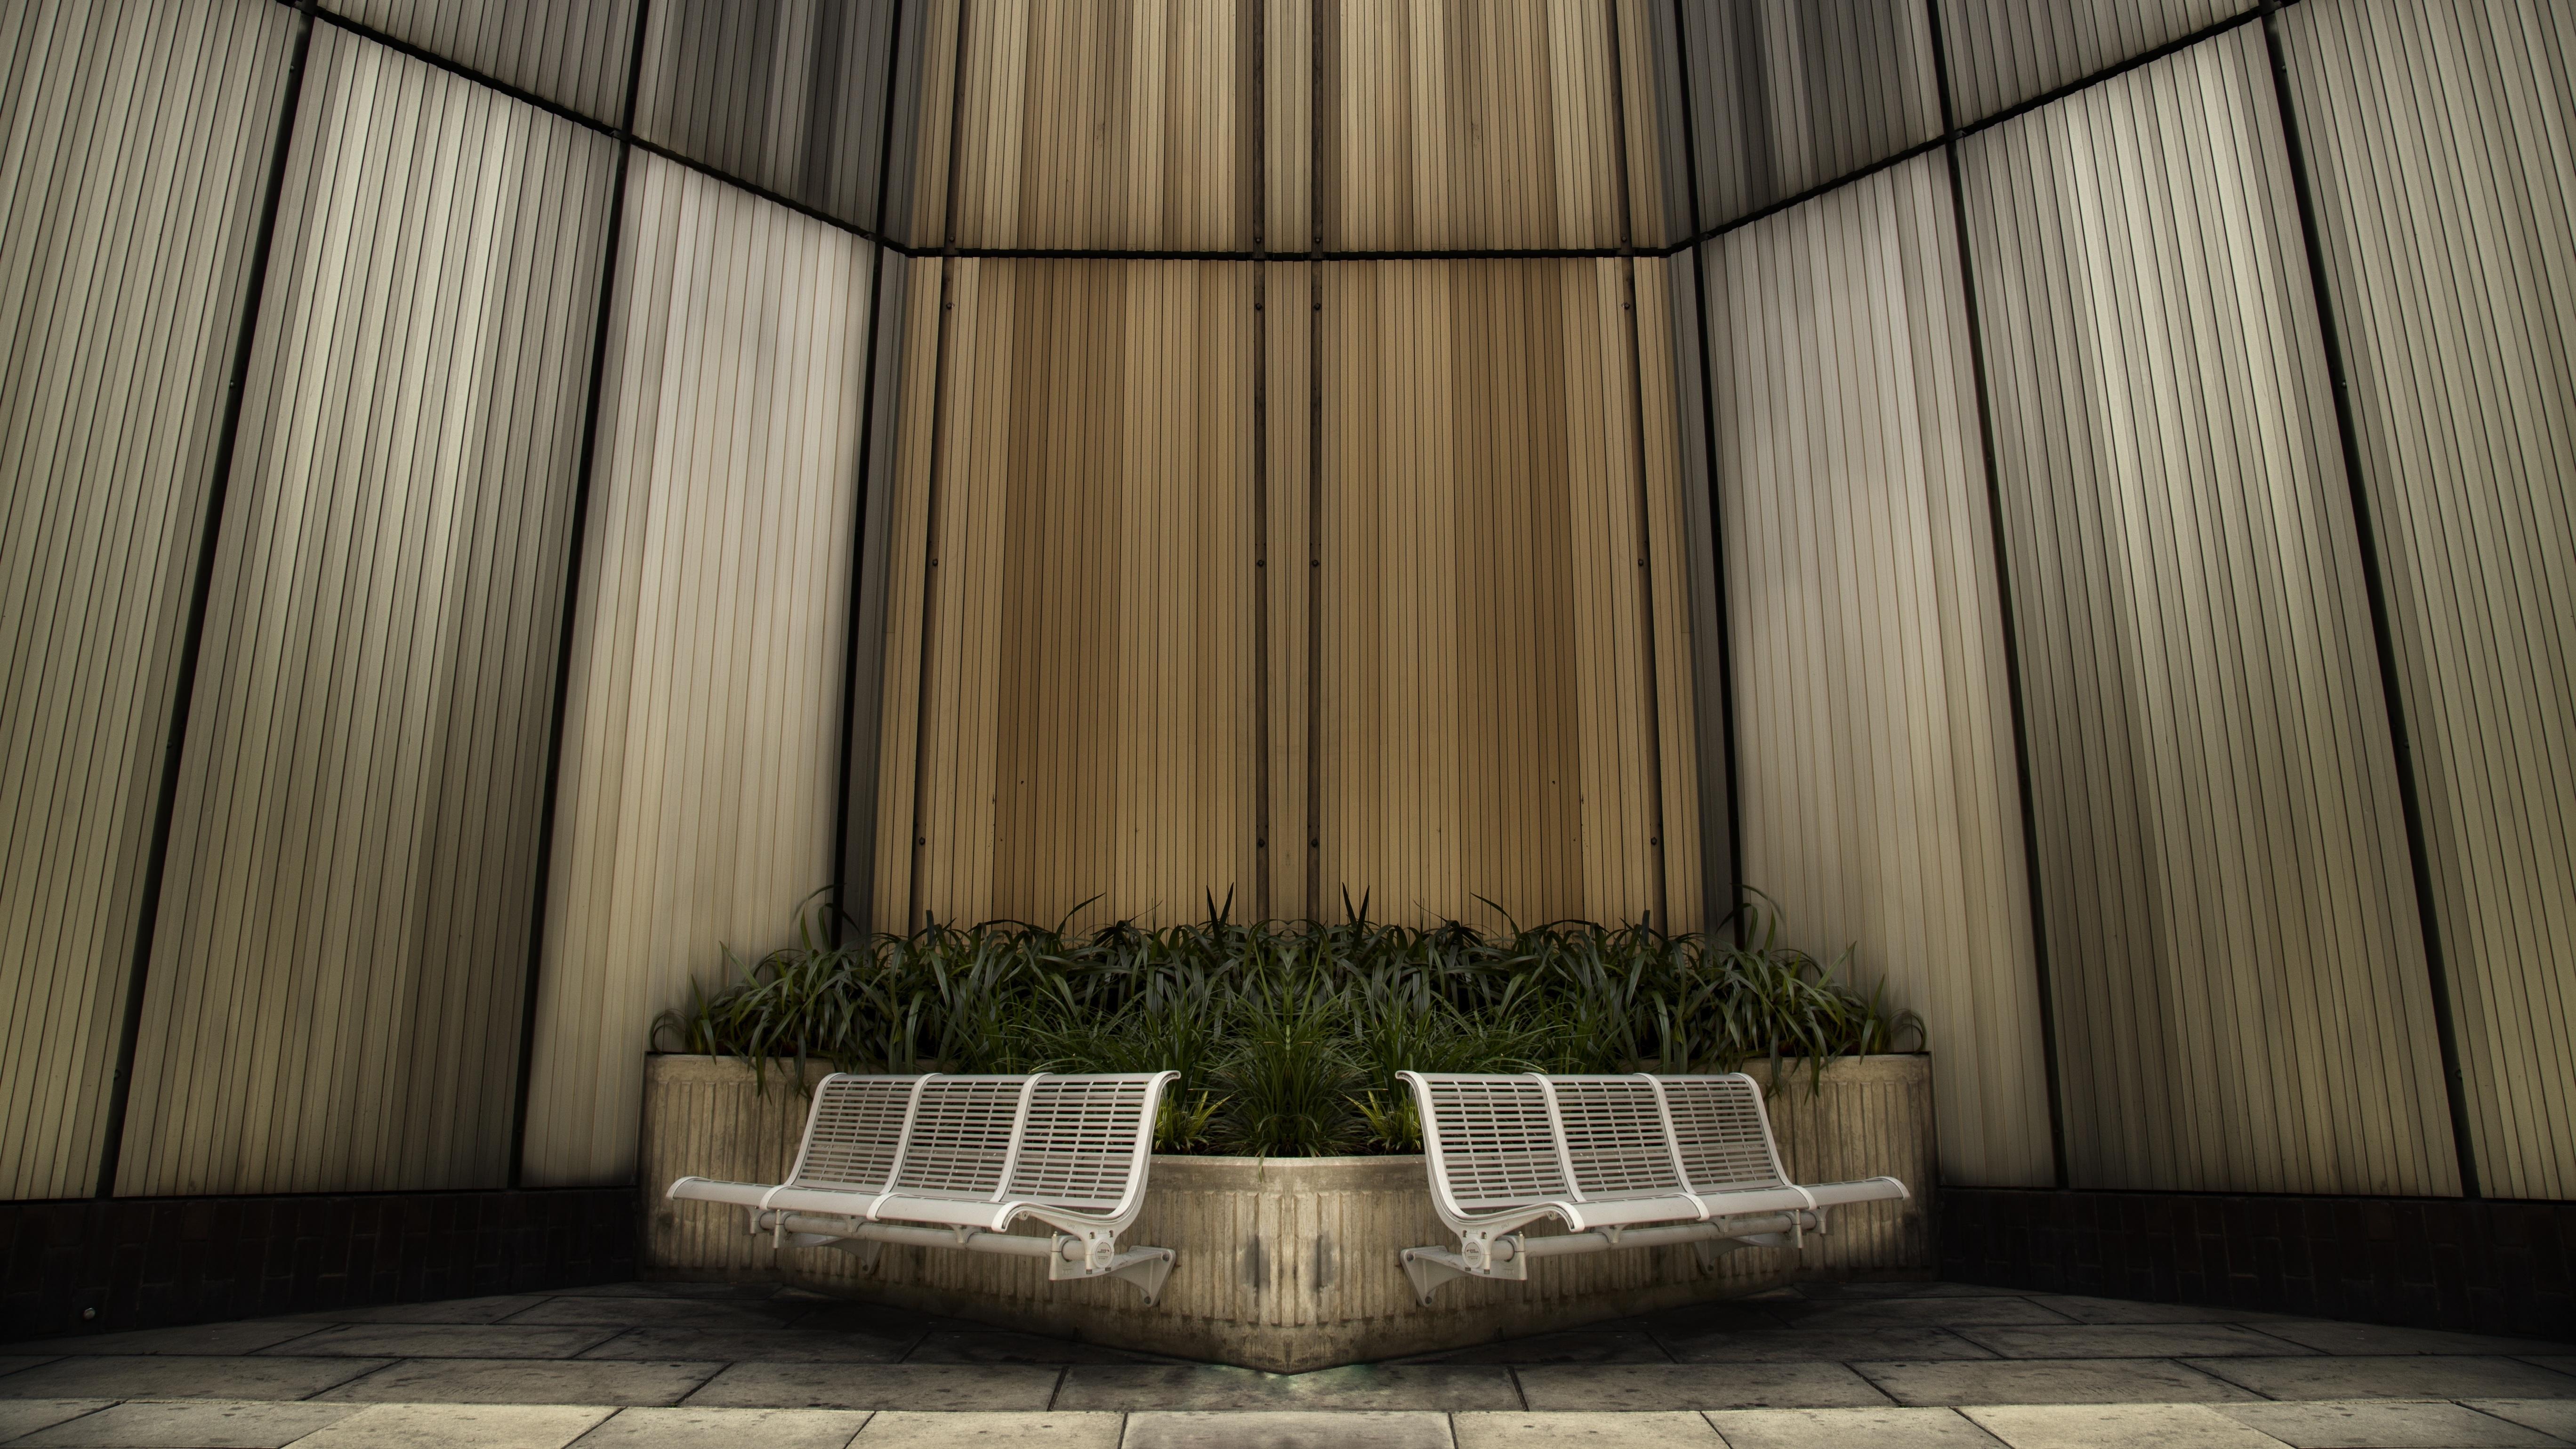 Images Gratuites Architecture Bois Banc Maison Sol